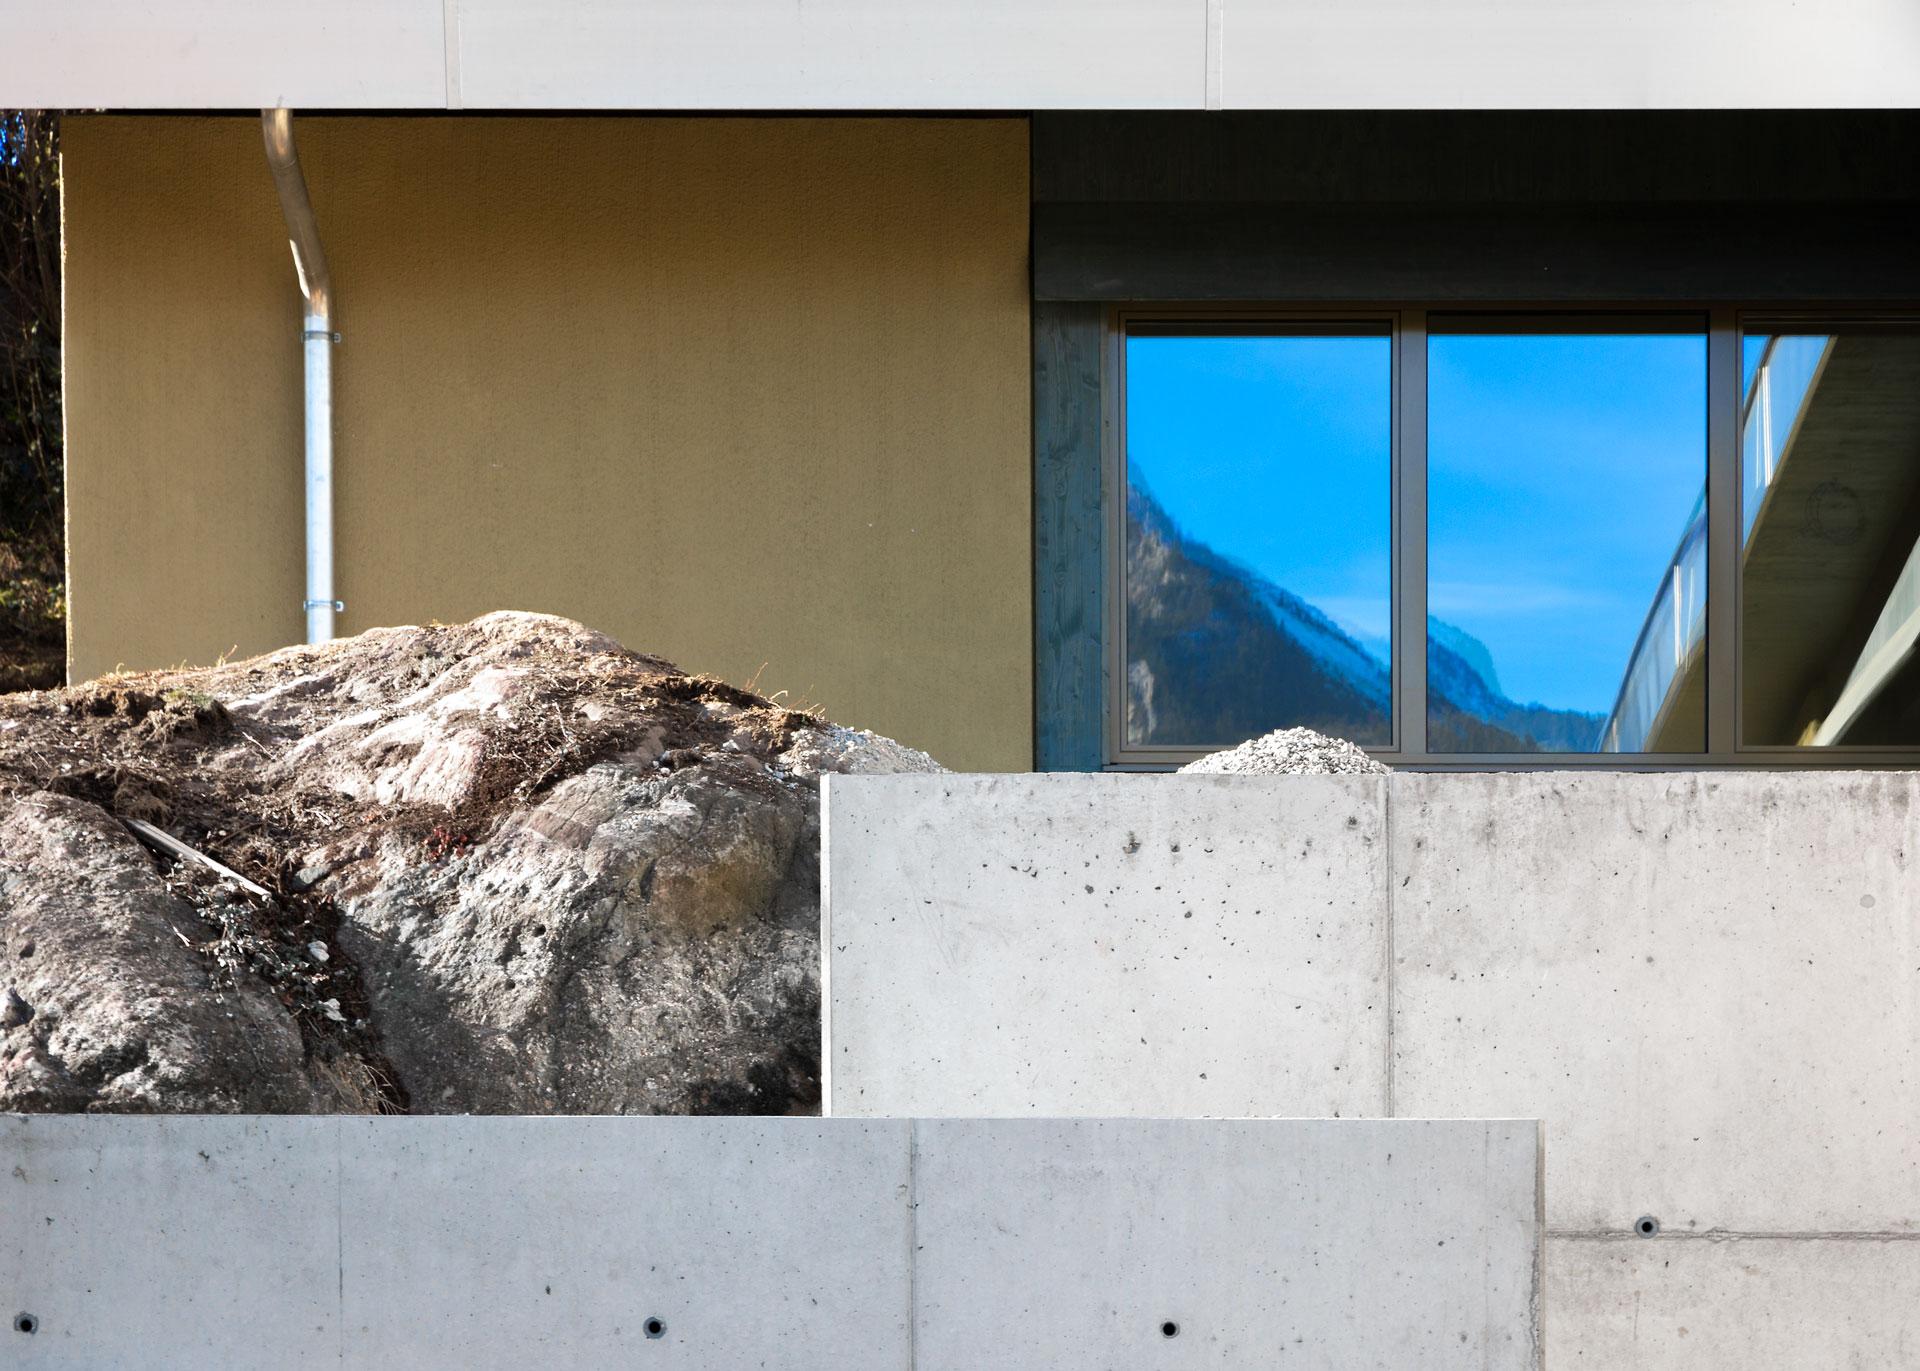 Die Staffelung von architektonischen Elementen kreiert verschiedenartige Räume